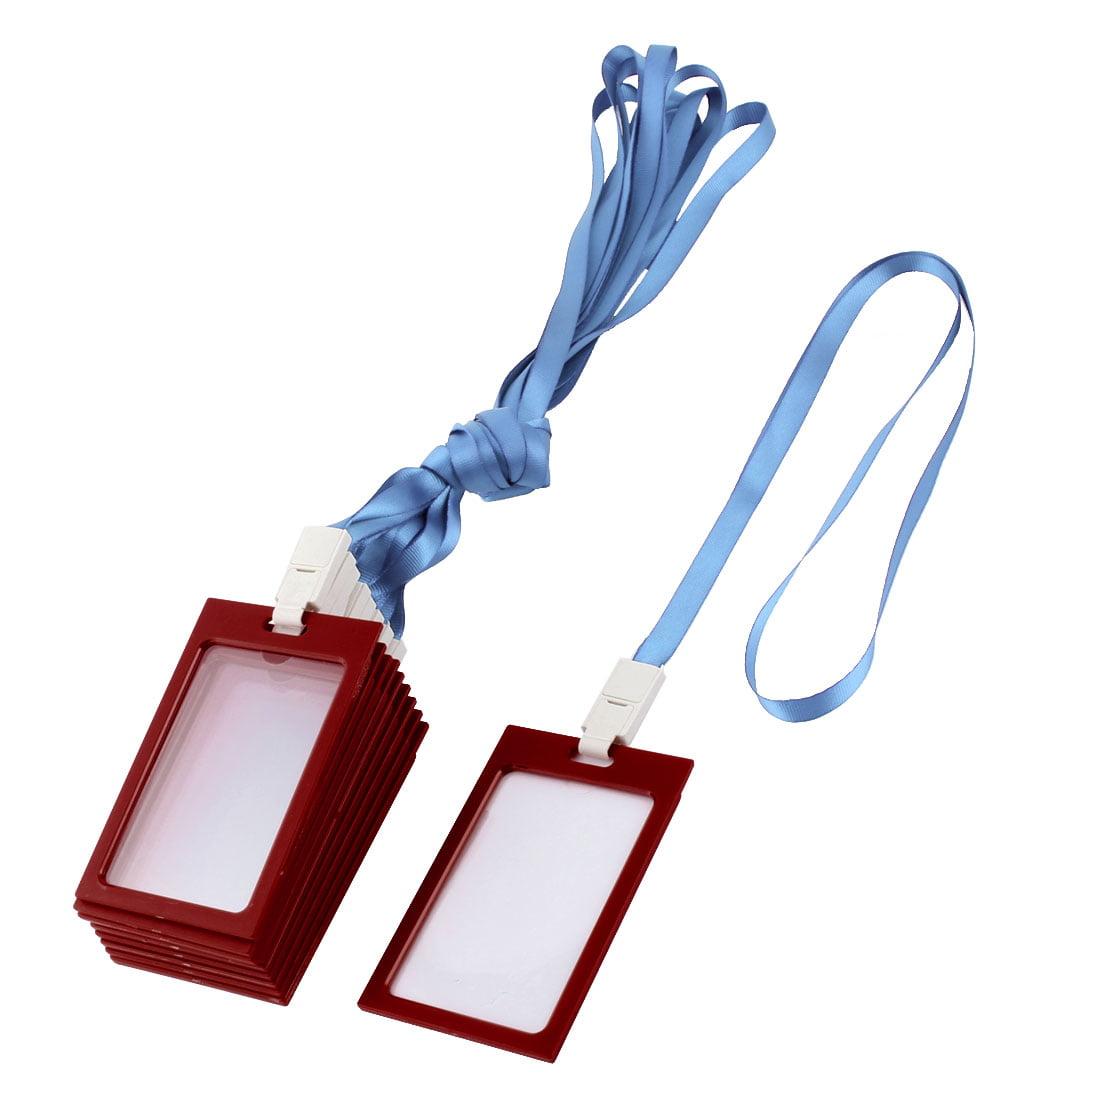 Plastic Rim Vertical Designed Name Tag Card Holder Light Blue Red 10 Pcs